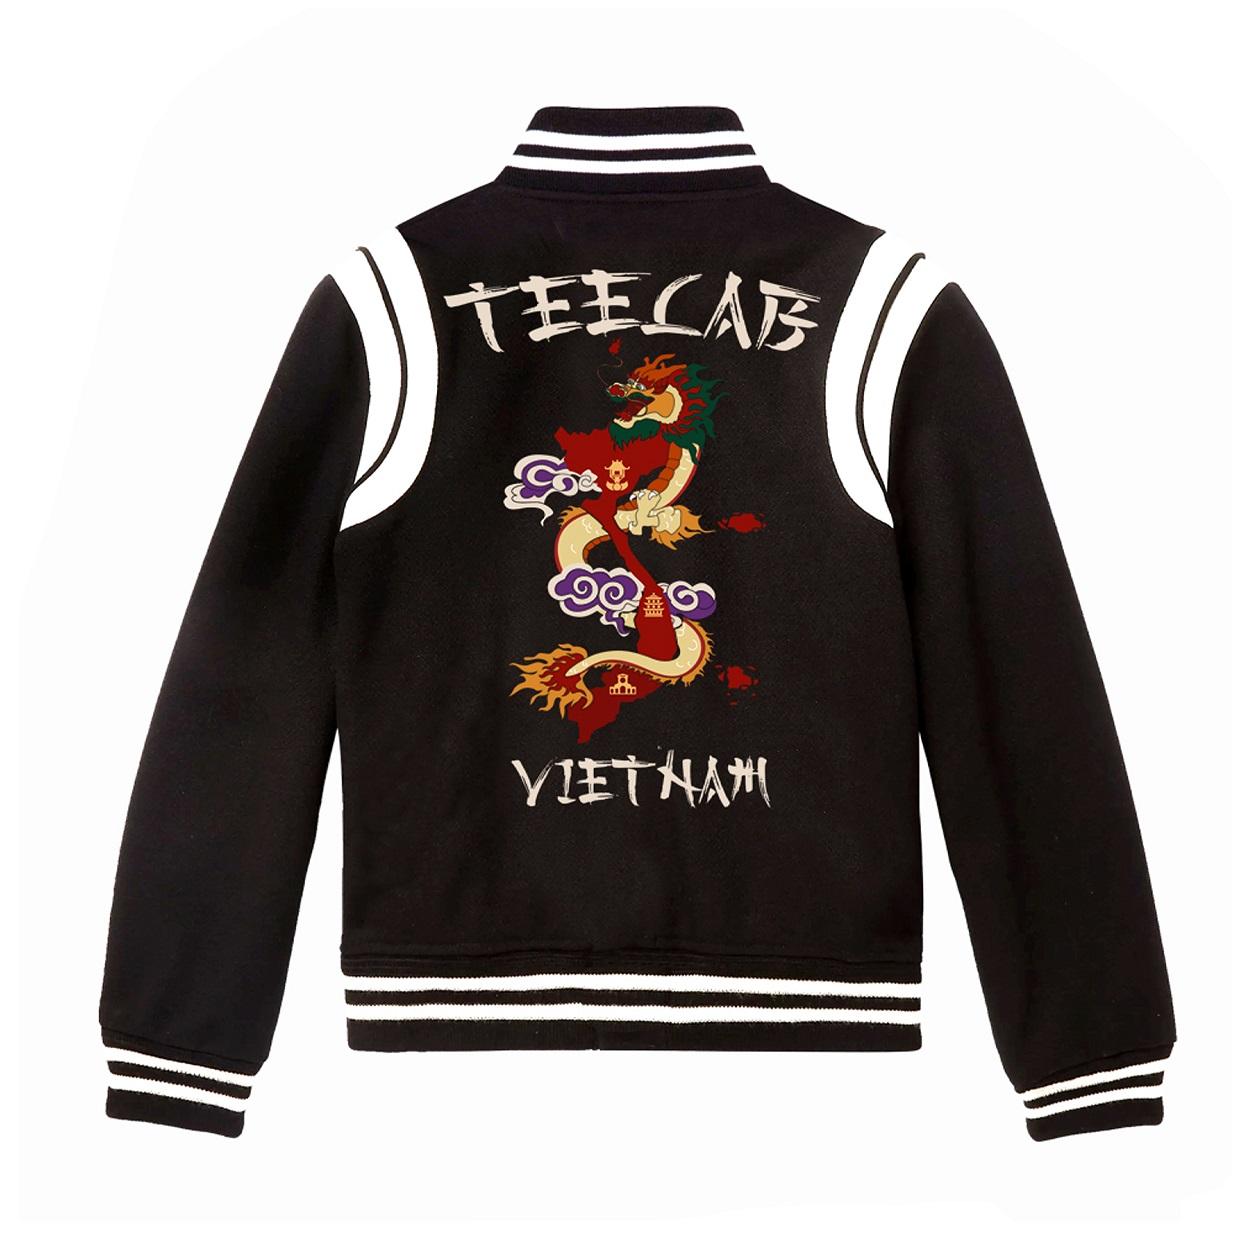 Áo Khoác Teelab Varsity Jacket Dragon AK013